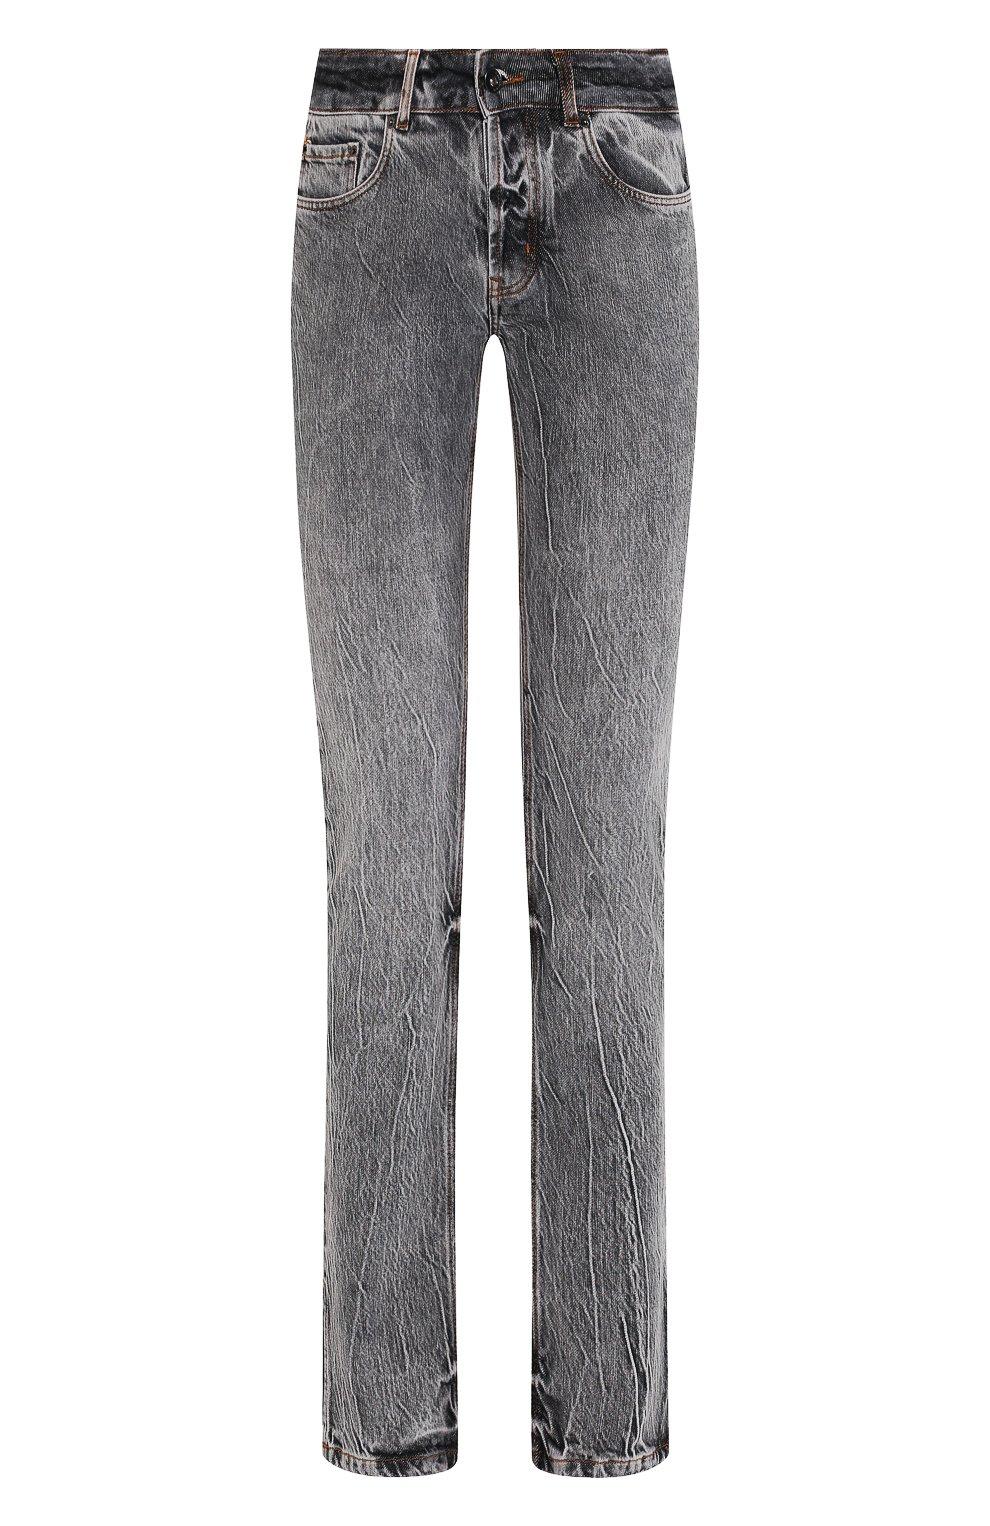 Женские джинсы FILLES A PAPA серого цвета, арт. STEVE L.32 DENIM   Фото 1